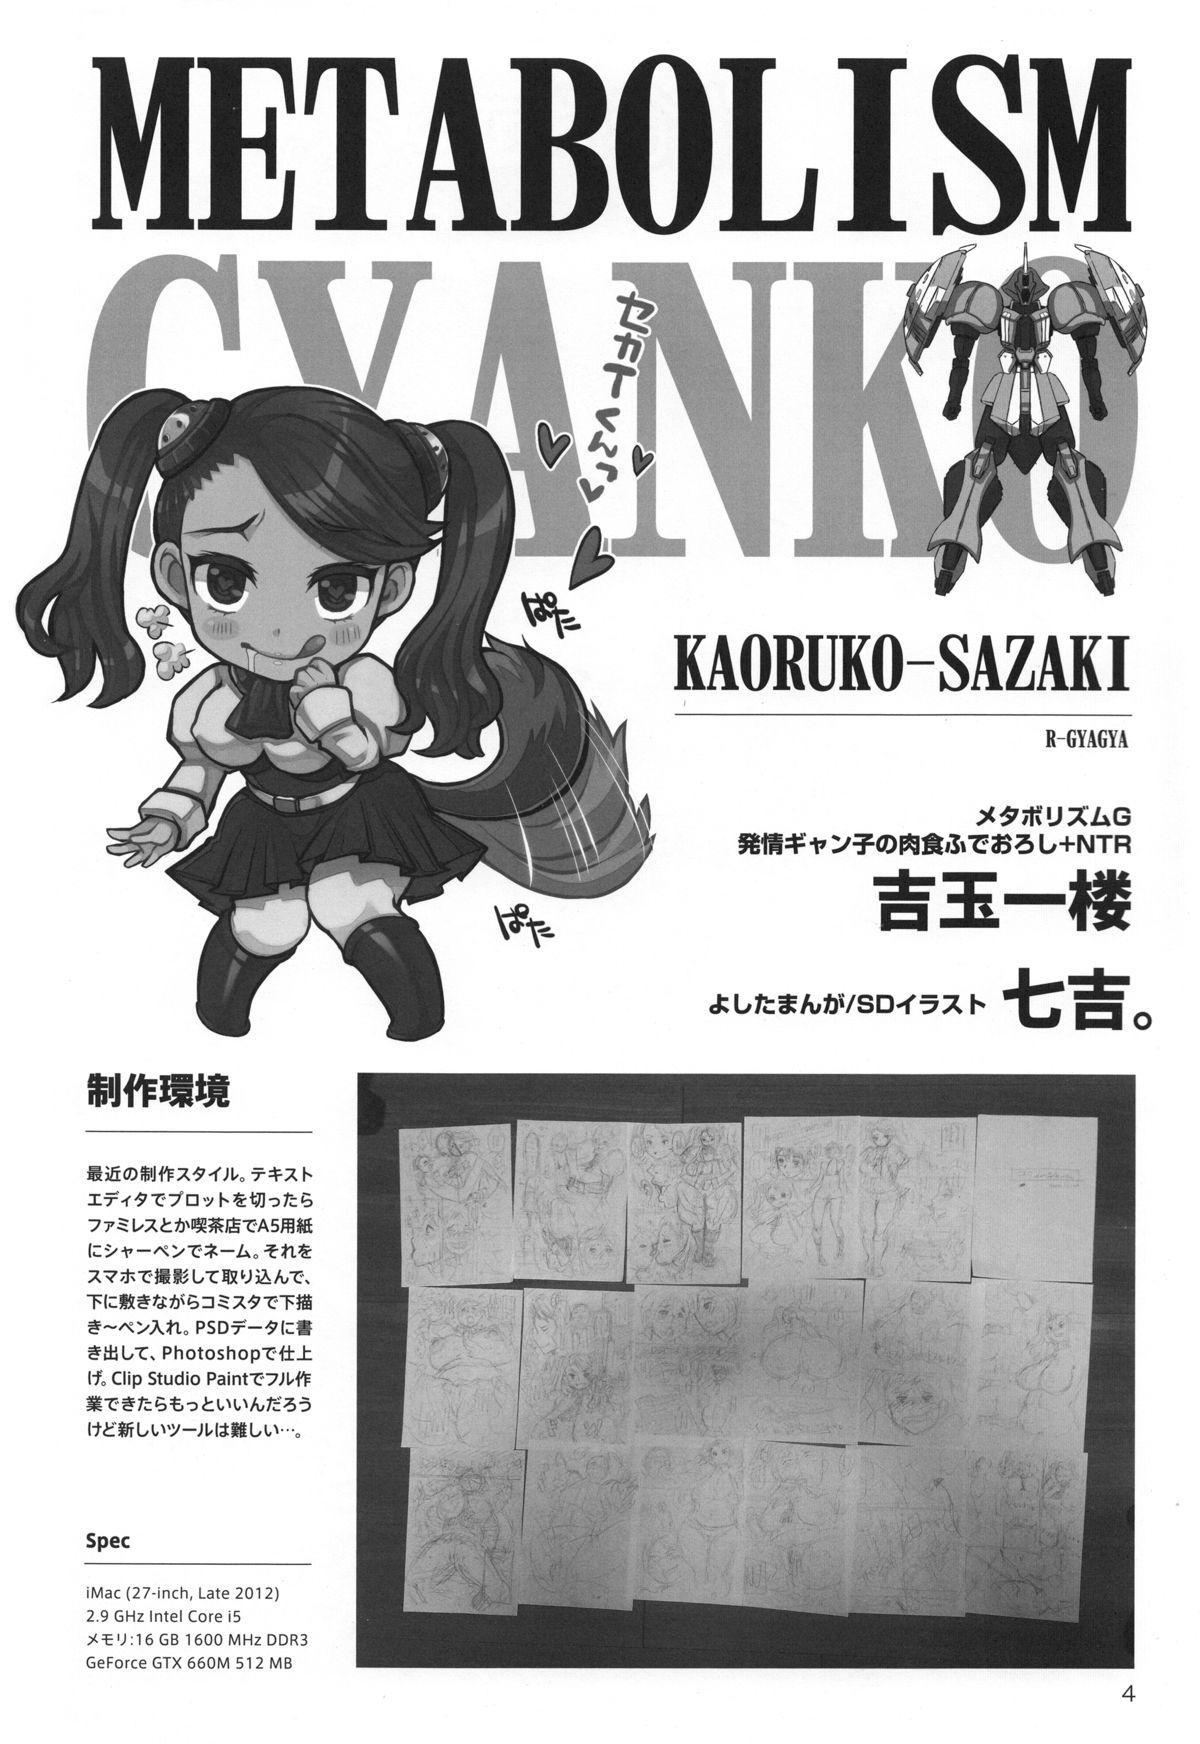 METABOLISM G Hatsujou Gyanko no Nikushoku Fudeoroshi + NTR 2